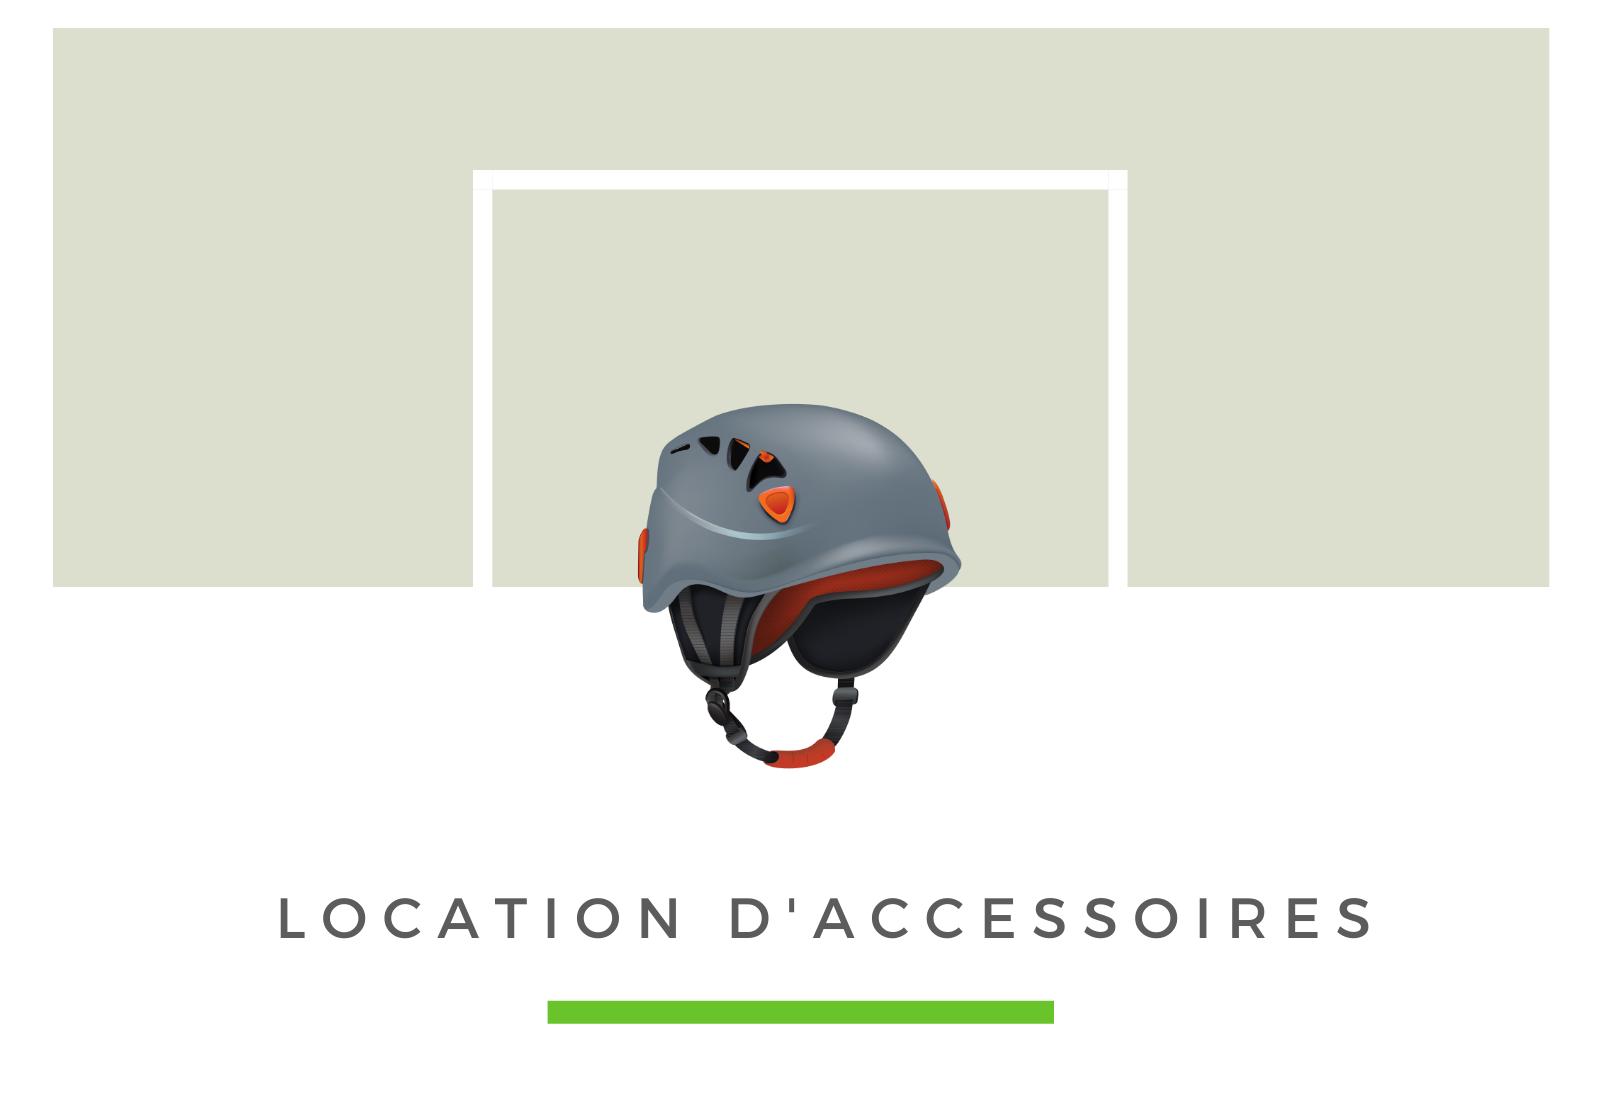 Location d'accessoires